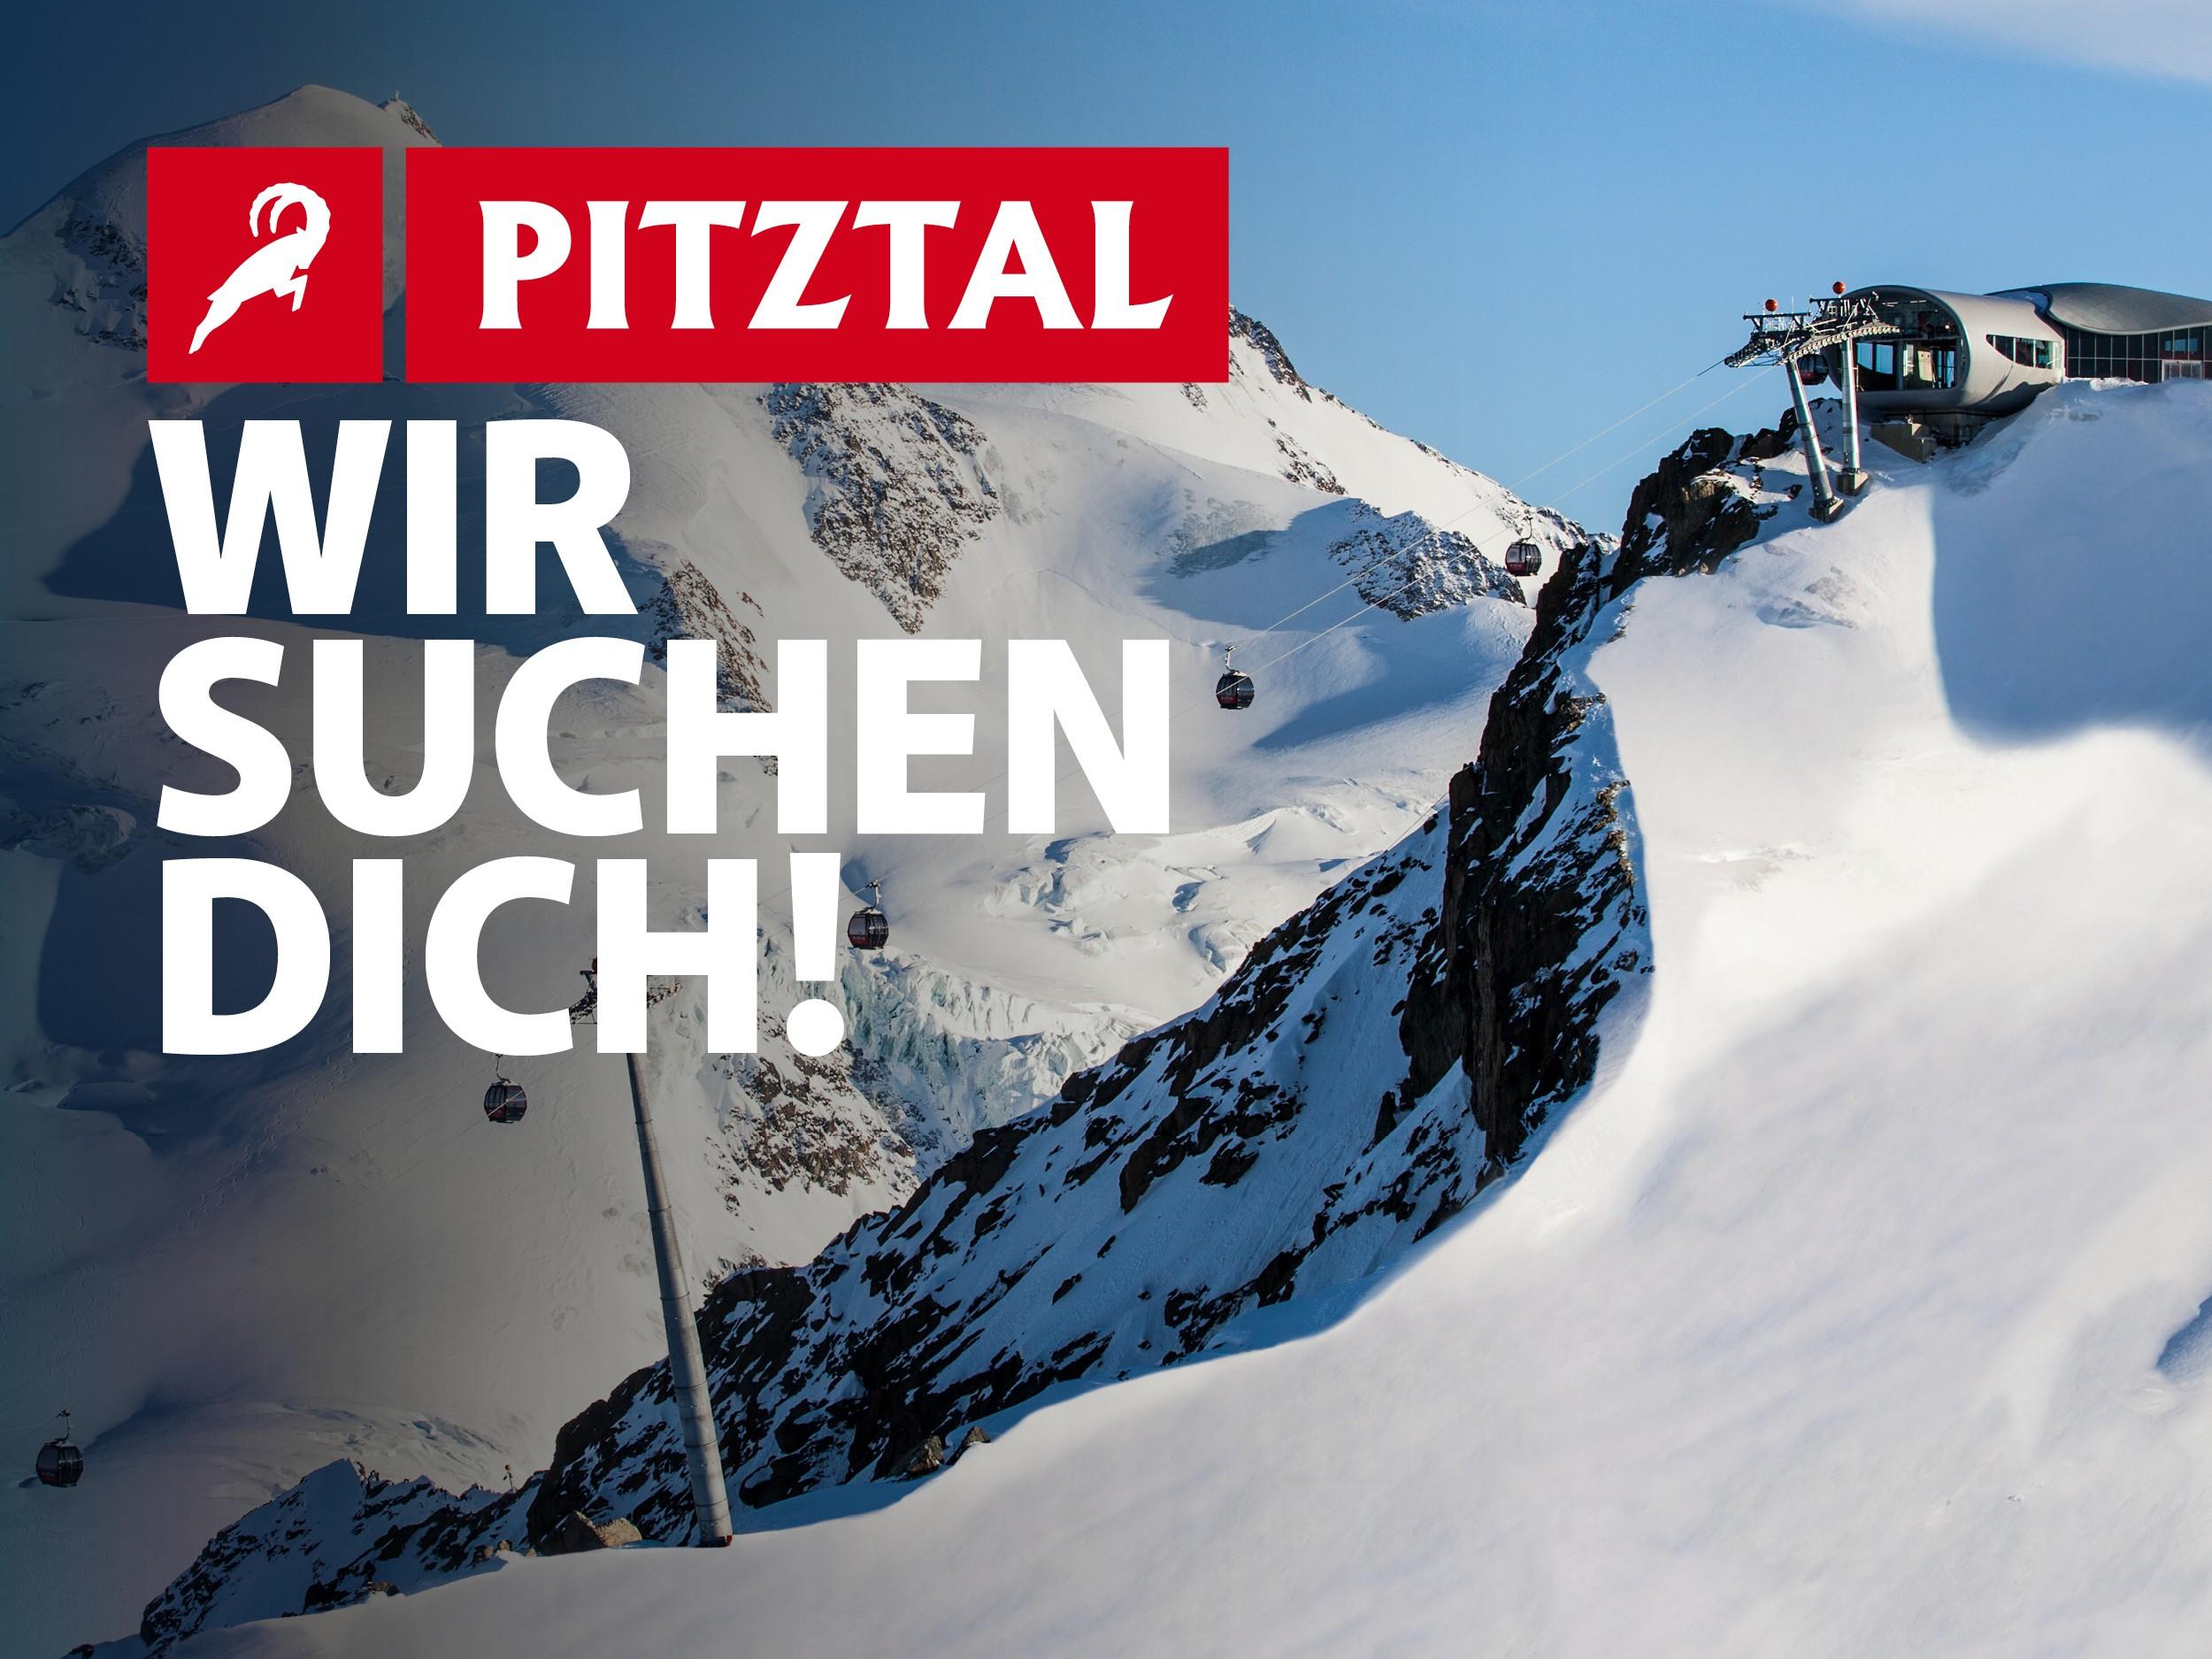 Wir suchen dich - Pitztaler Gletscherbahn & Rifflsee